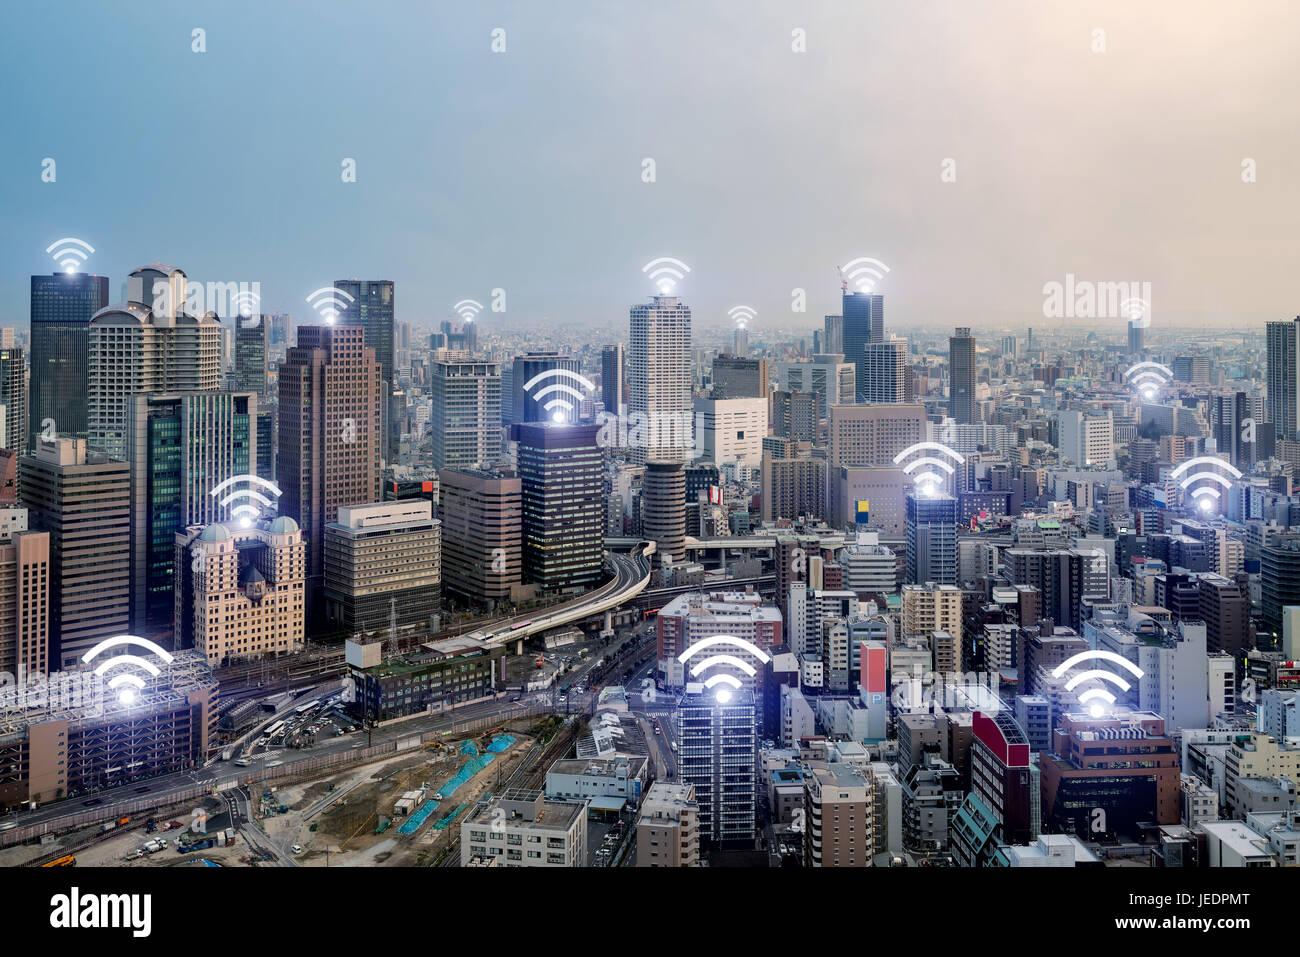 Icono de wifi y de la ciudad de Osaka con conexión de red inalámbrica. Osaka smart city y red de comunicaciones Imagen De Stock